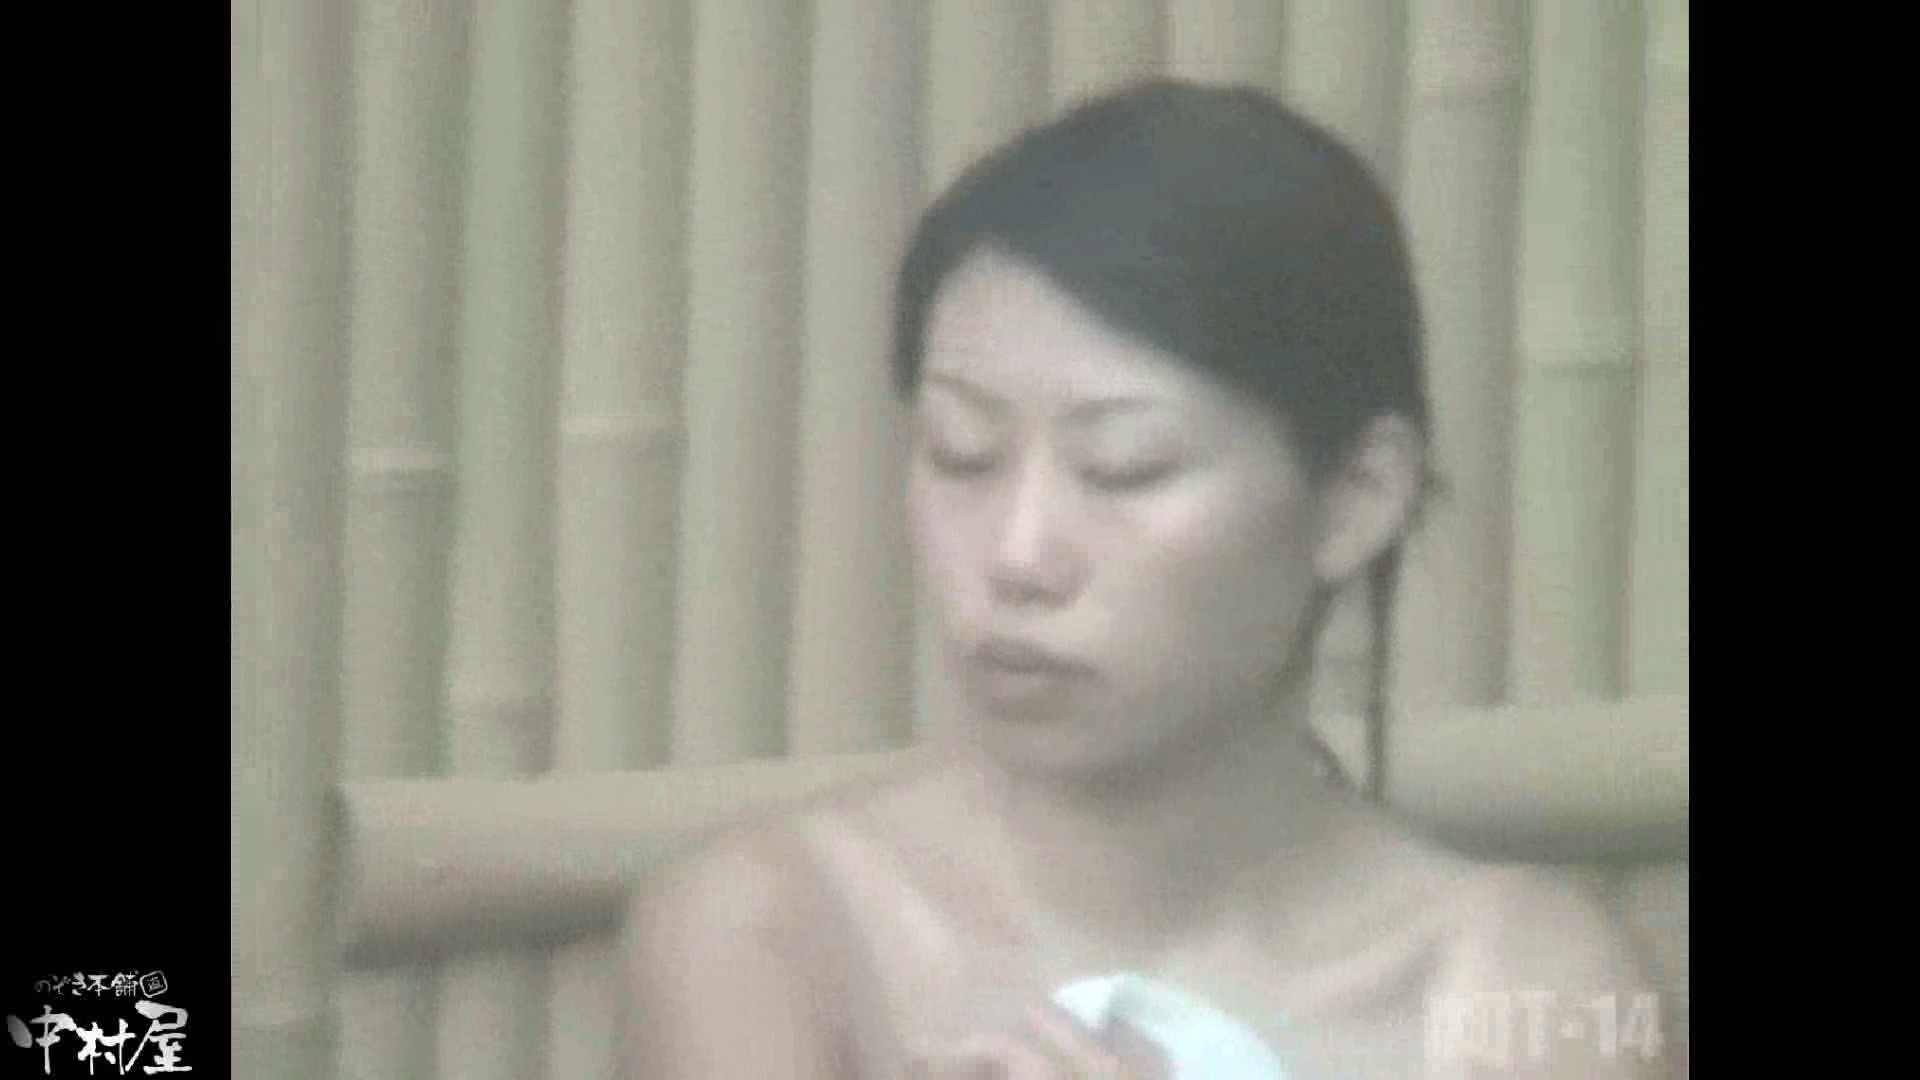 Aquaな露天風呂Vol.878潜入盗撮露天風呂十四判湯 其の一 露天 | 盗撮  78pic 57